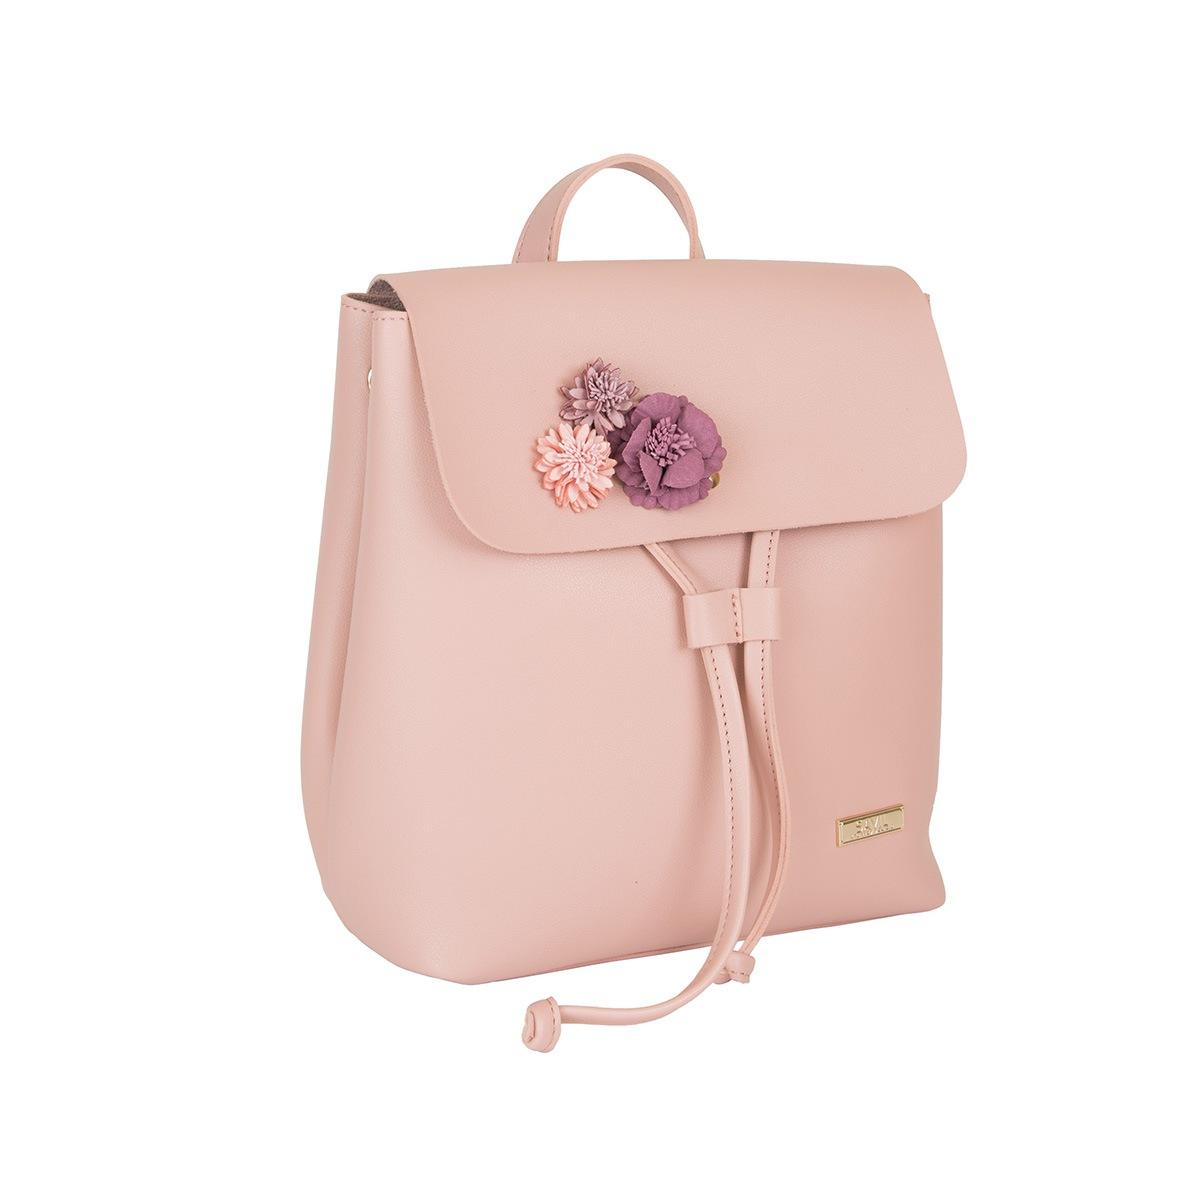 Bagsin-Savil-18-44-22-Pink-A1